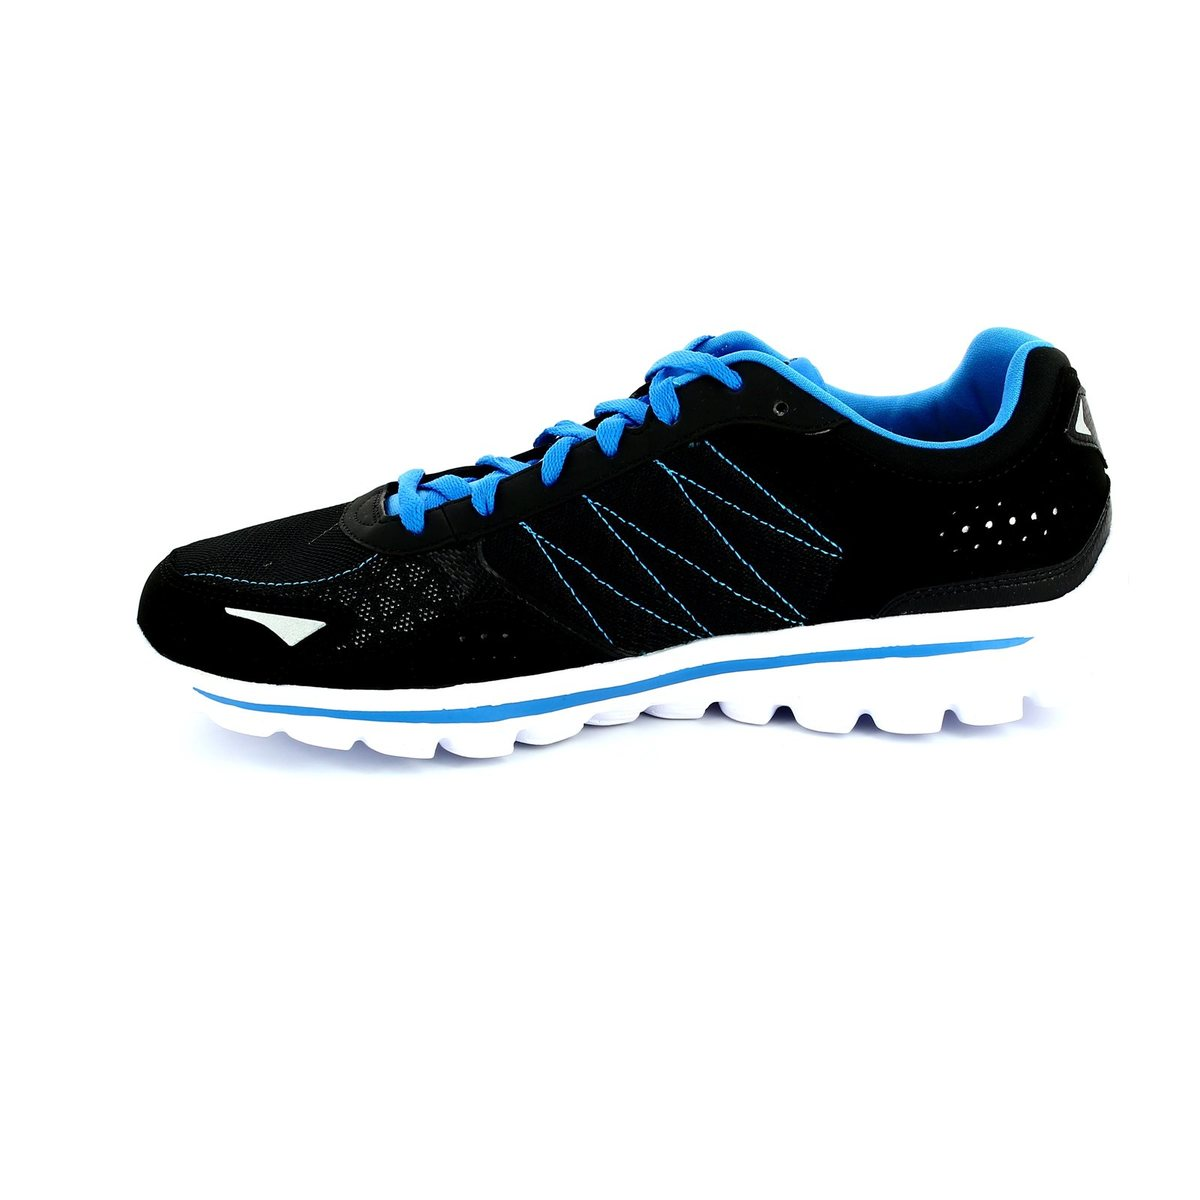 skechers b go walk 2 95691 bkbl black blue everyday shoes